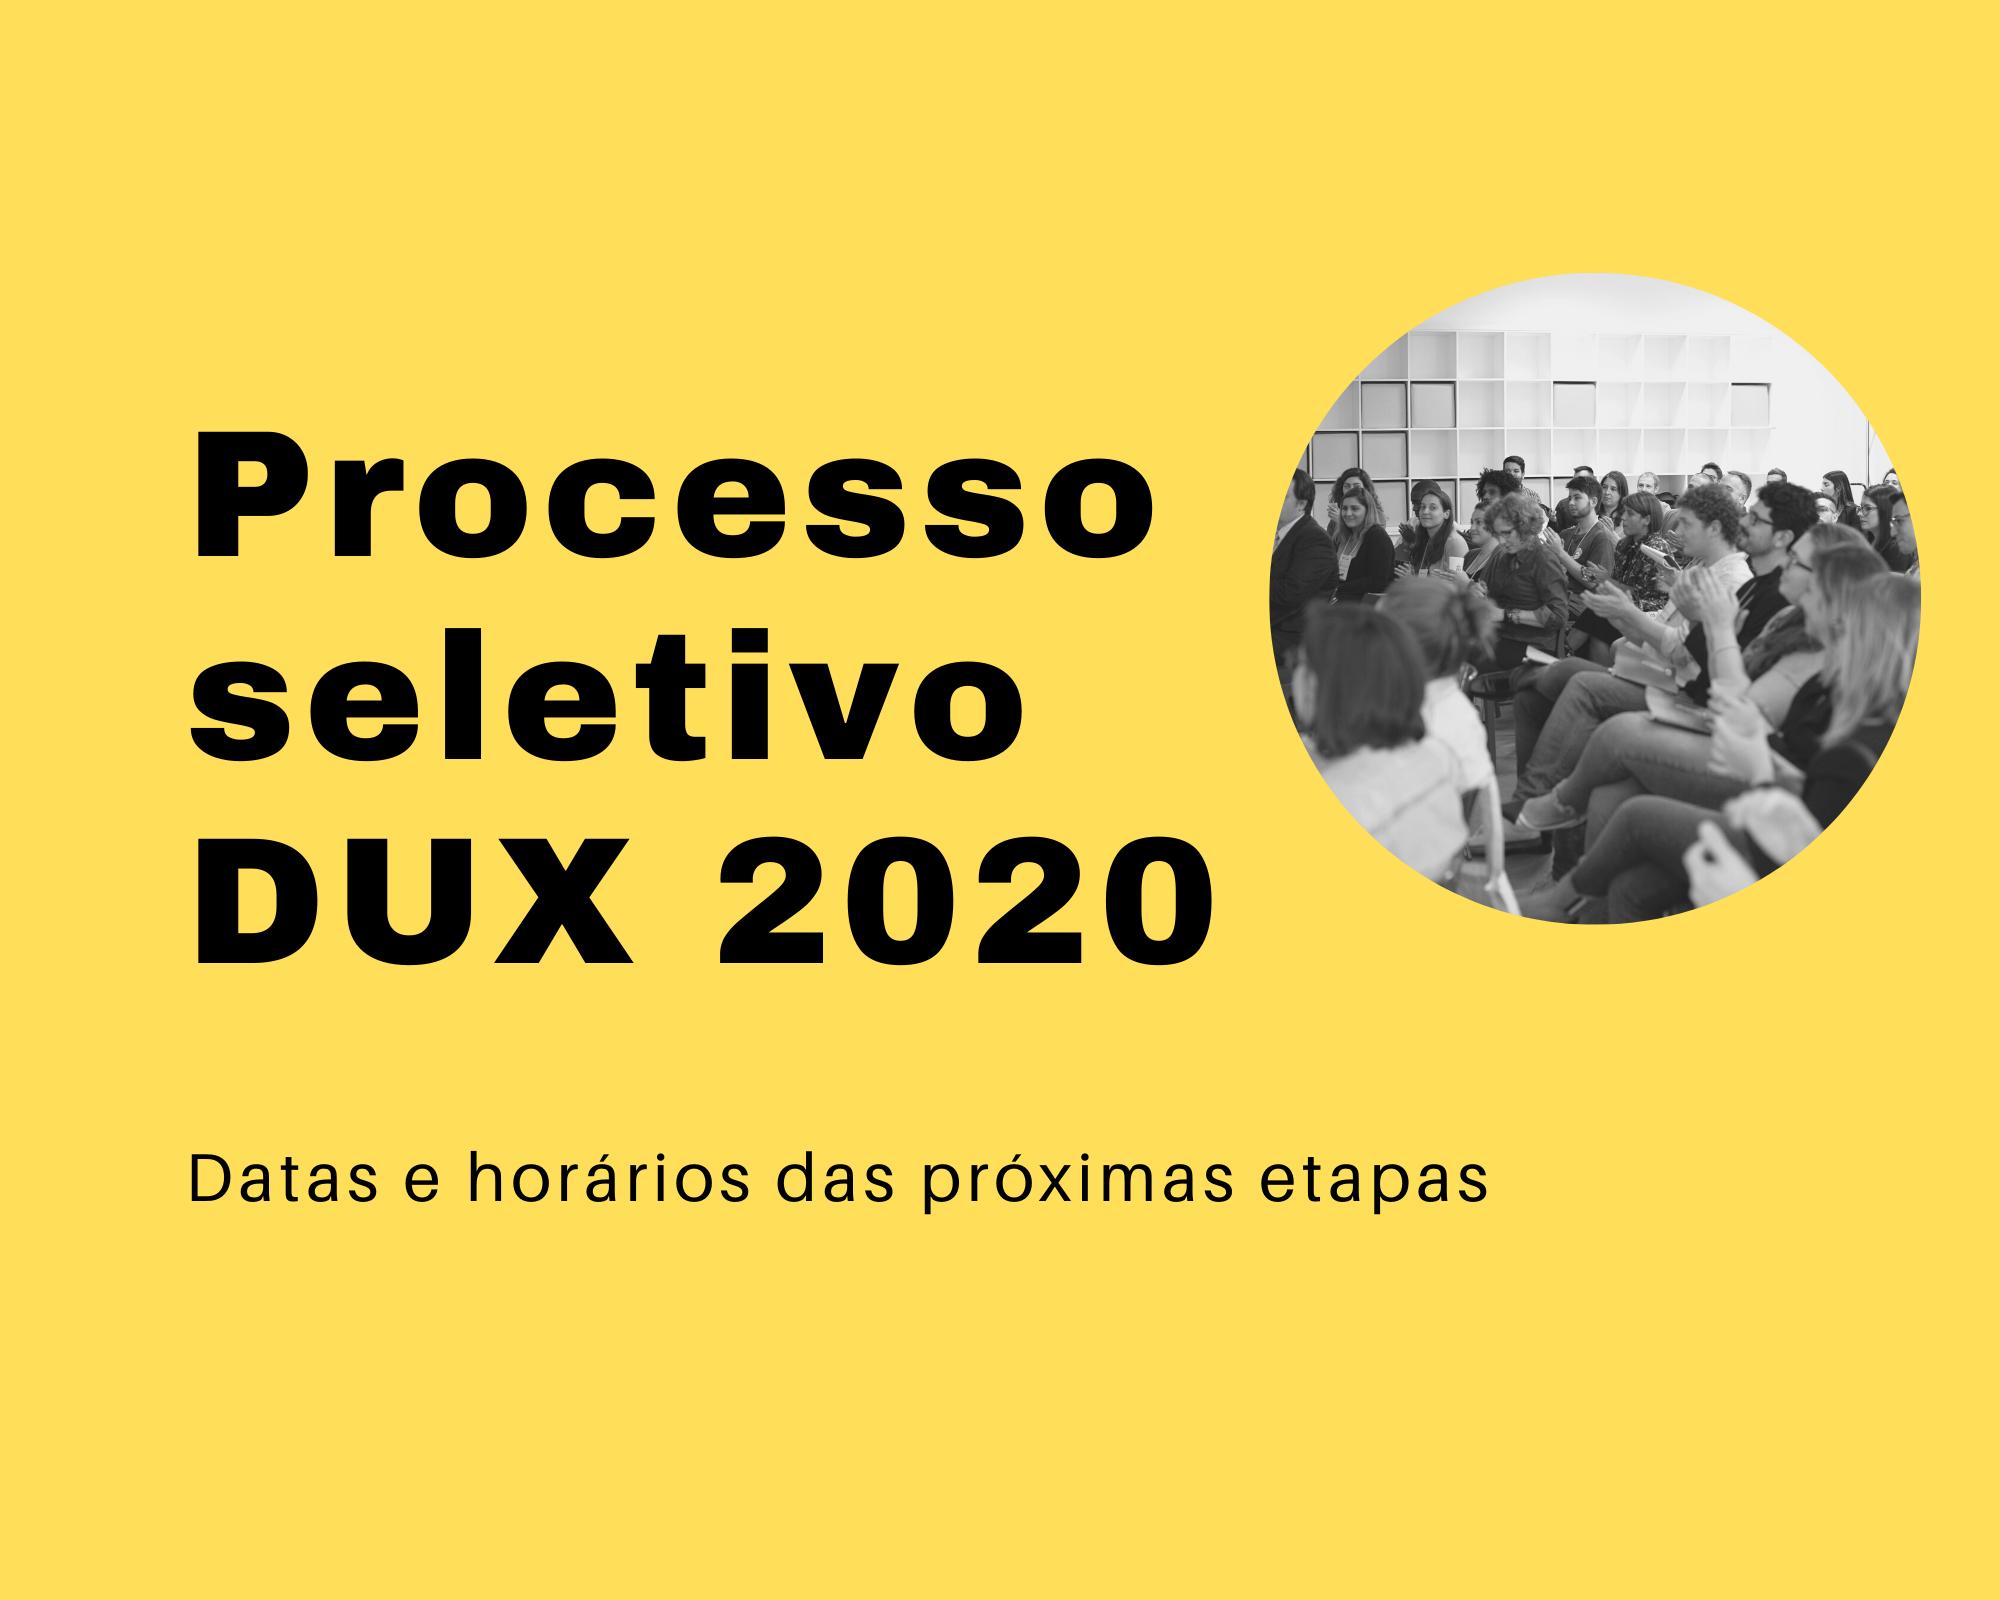 Geração DUX 2020: Próximas etapas do processo seletivo